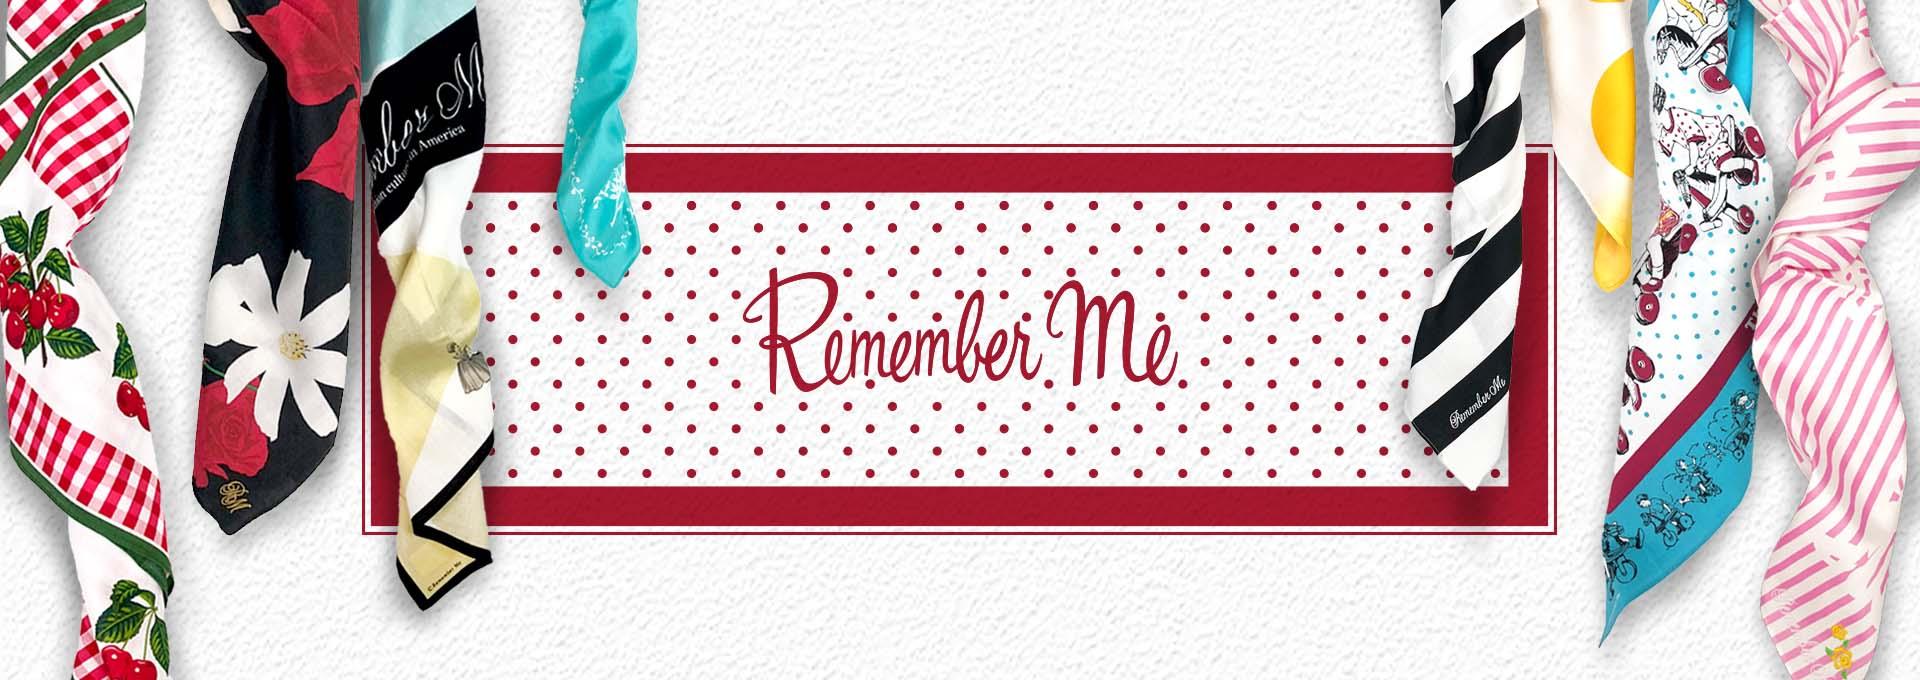 Remember me(リメンバーミー)